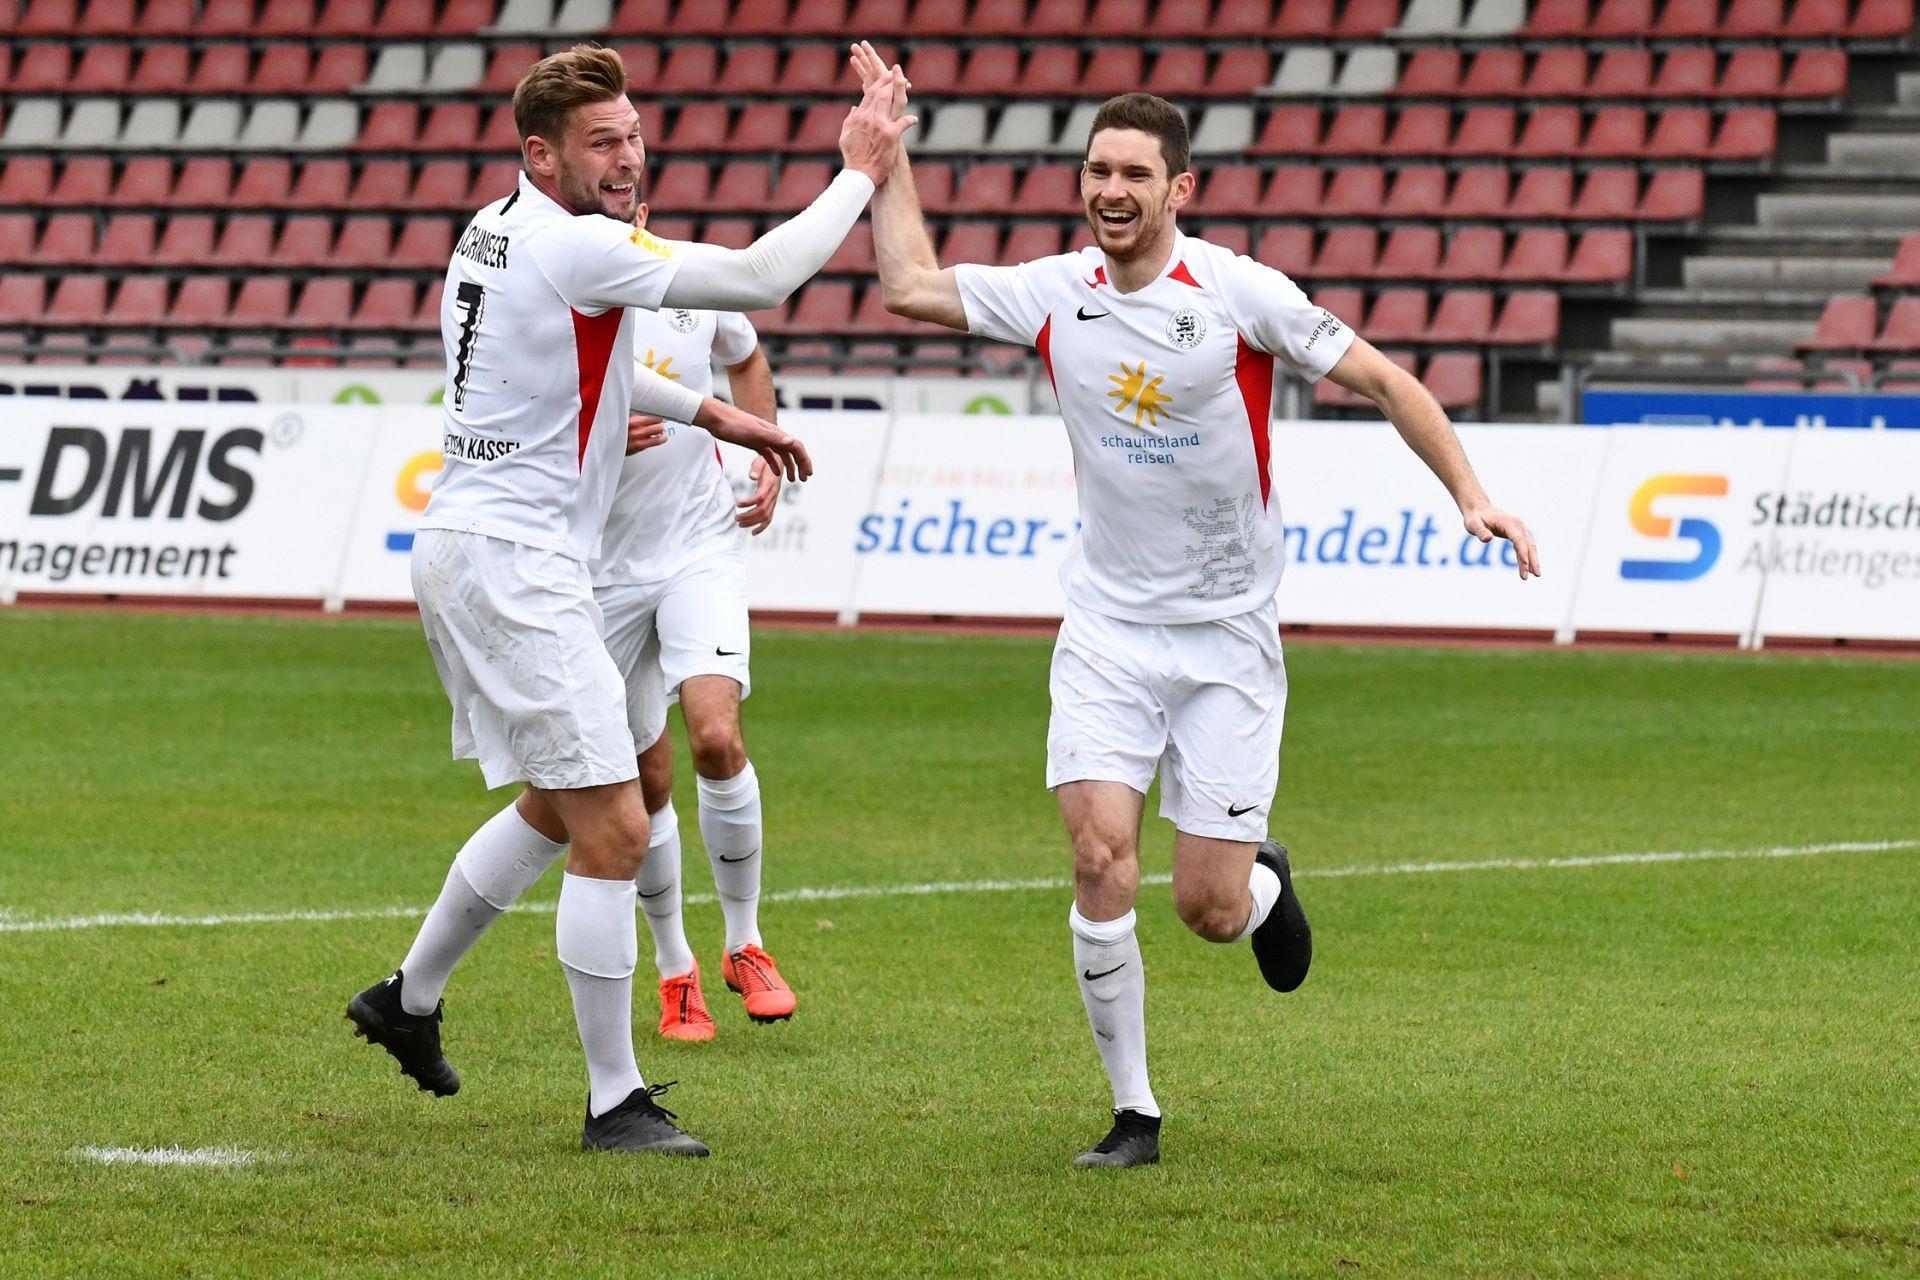 KSV Hessen Kassel, Rot-Weiss Walldorf, Endstand 4:0, Jubel zum 1:0, Sebastian Schmeer (KSV Hessen Kassel), Lukas Iksal (KSV Hessen Kassel)